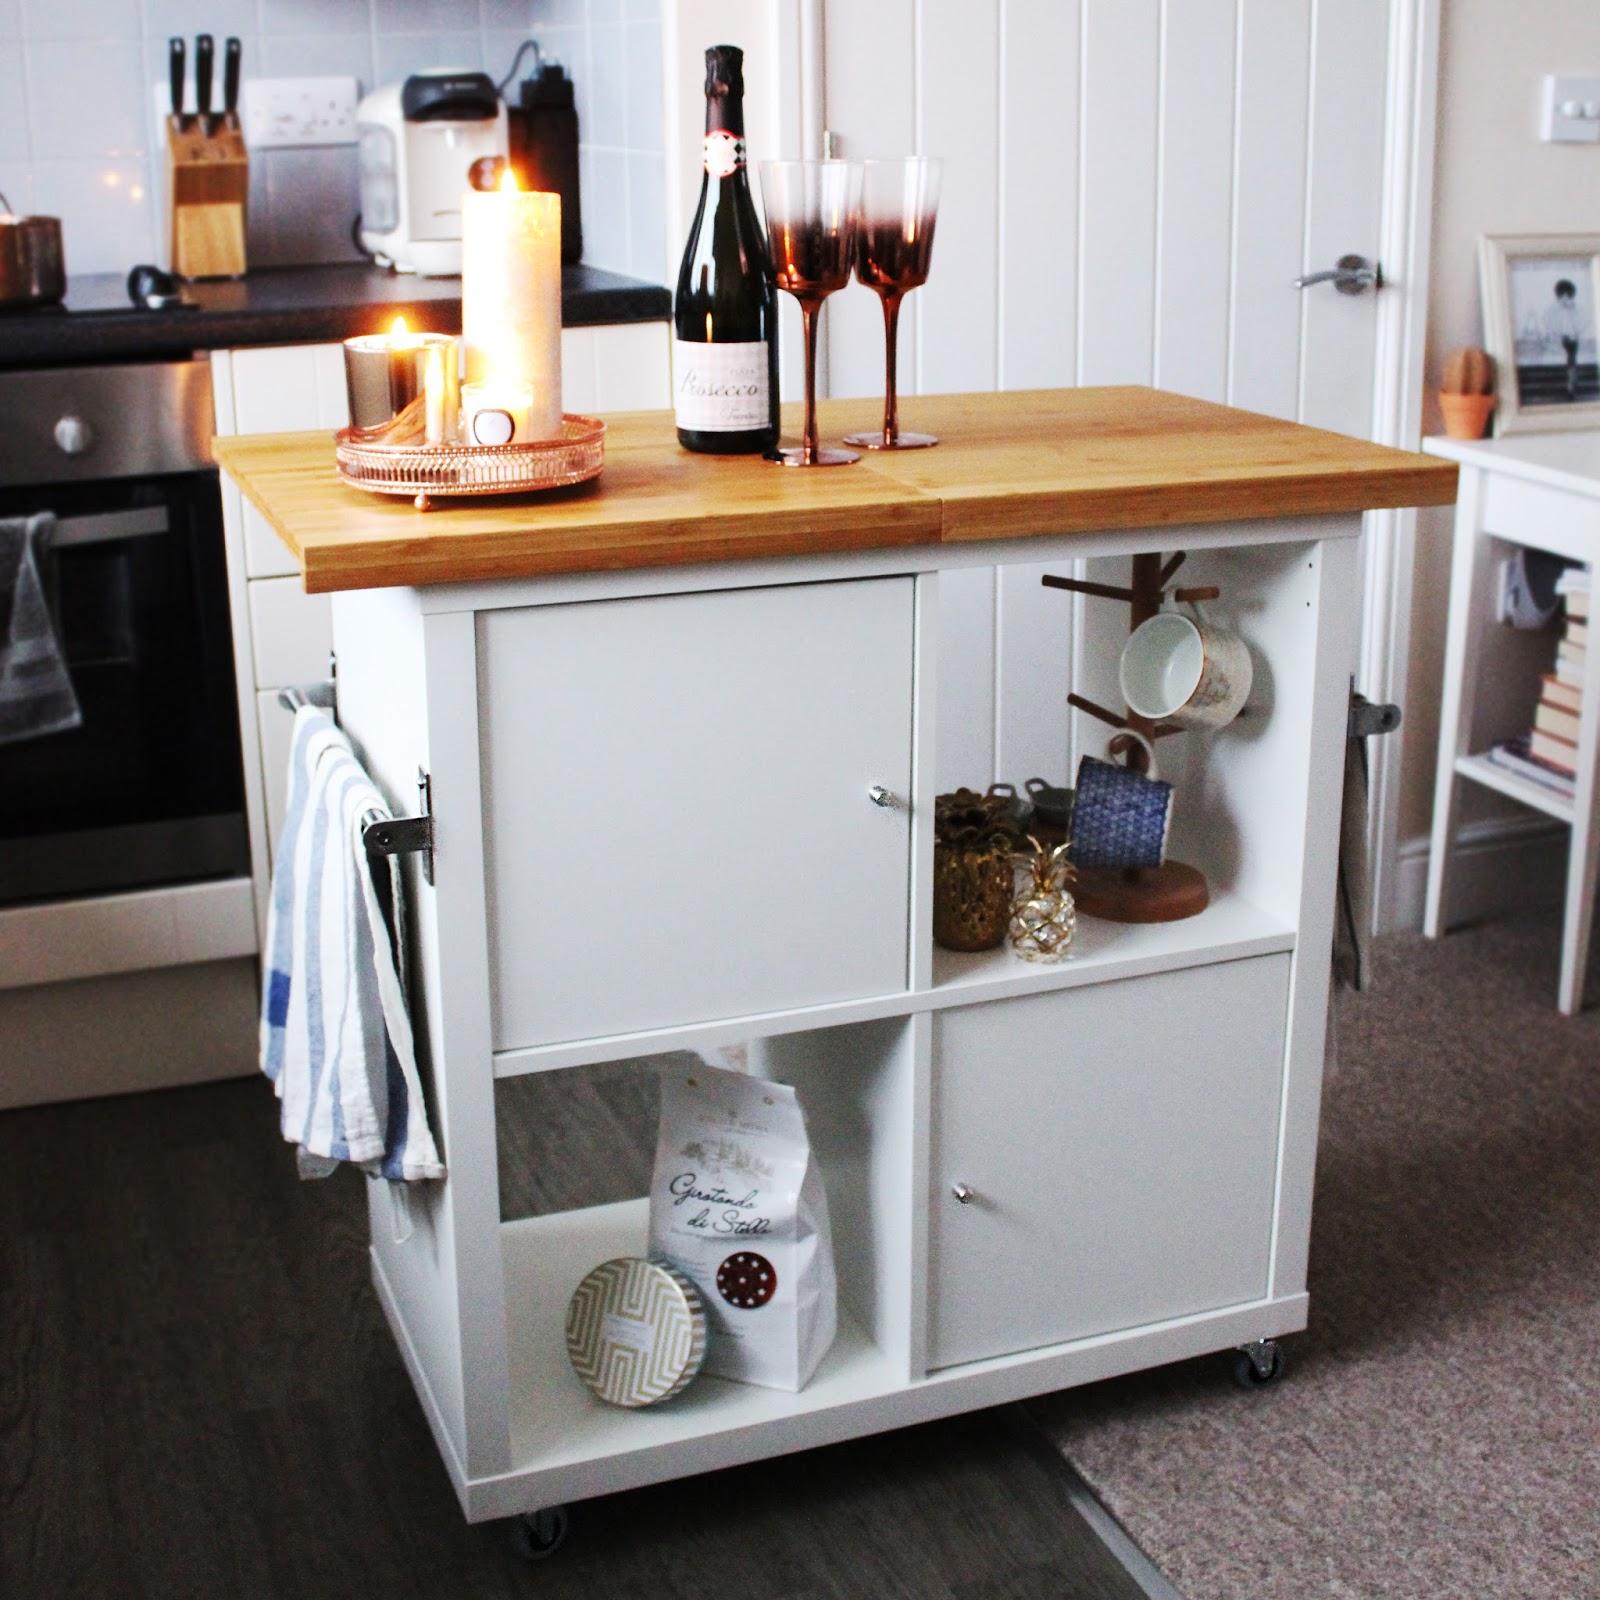 Ikea_Hack_transformar_estantería_Kallax_DIY_handmade_low cost_hazlo tú mismo_decoración-08